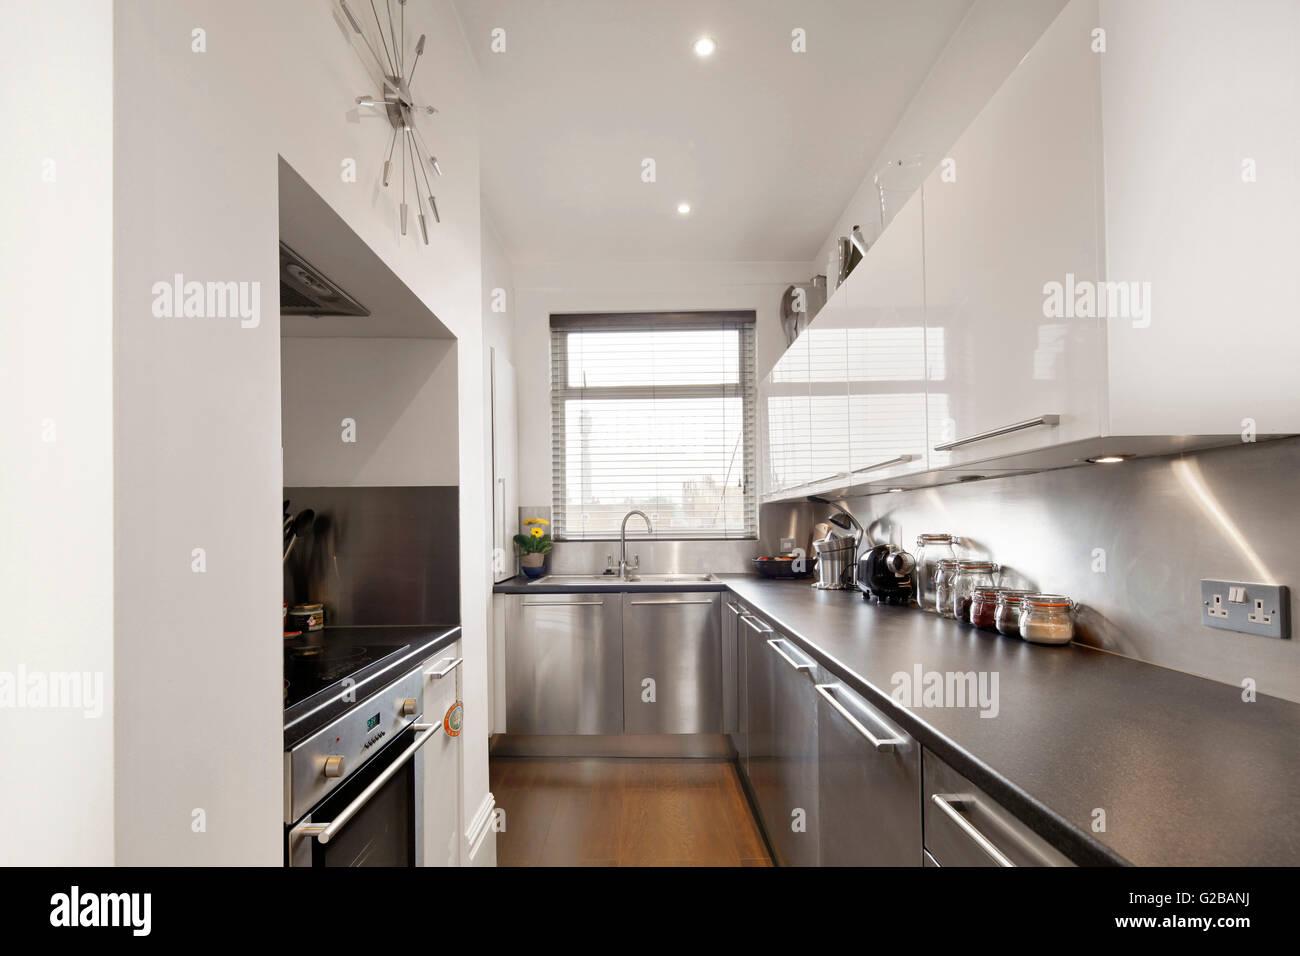 Haus Walden, Marylebone High Street. Moderne Küche mit Edelstahl ...